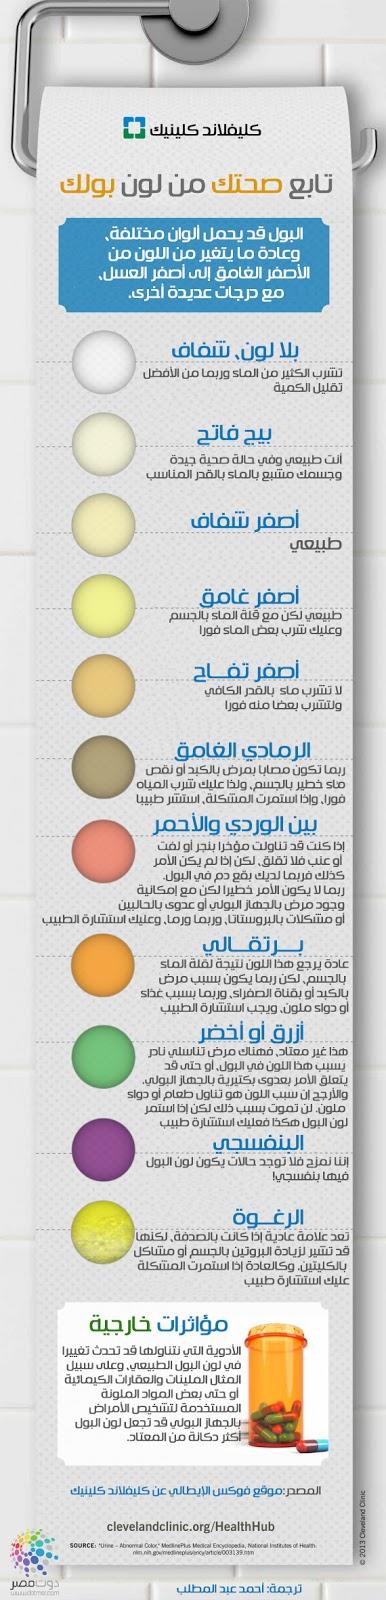 لون البول دليل على نوع المرض